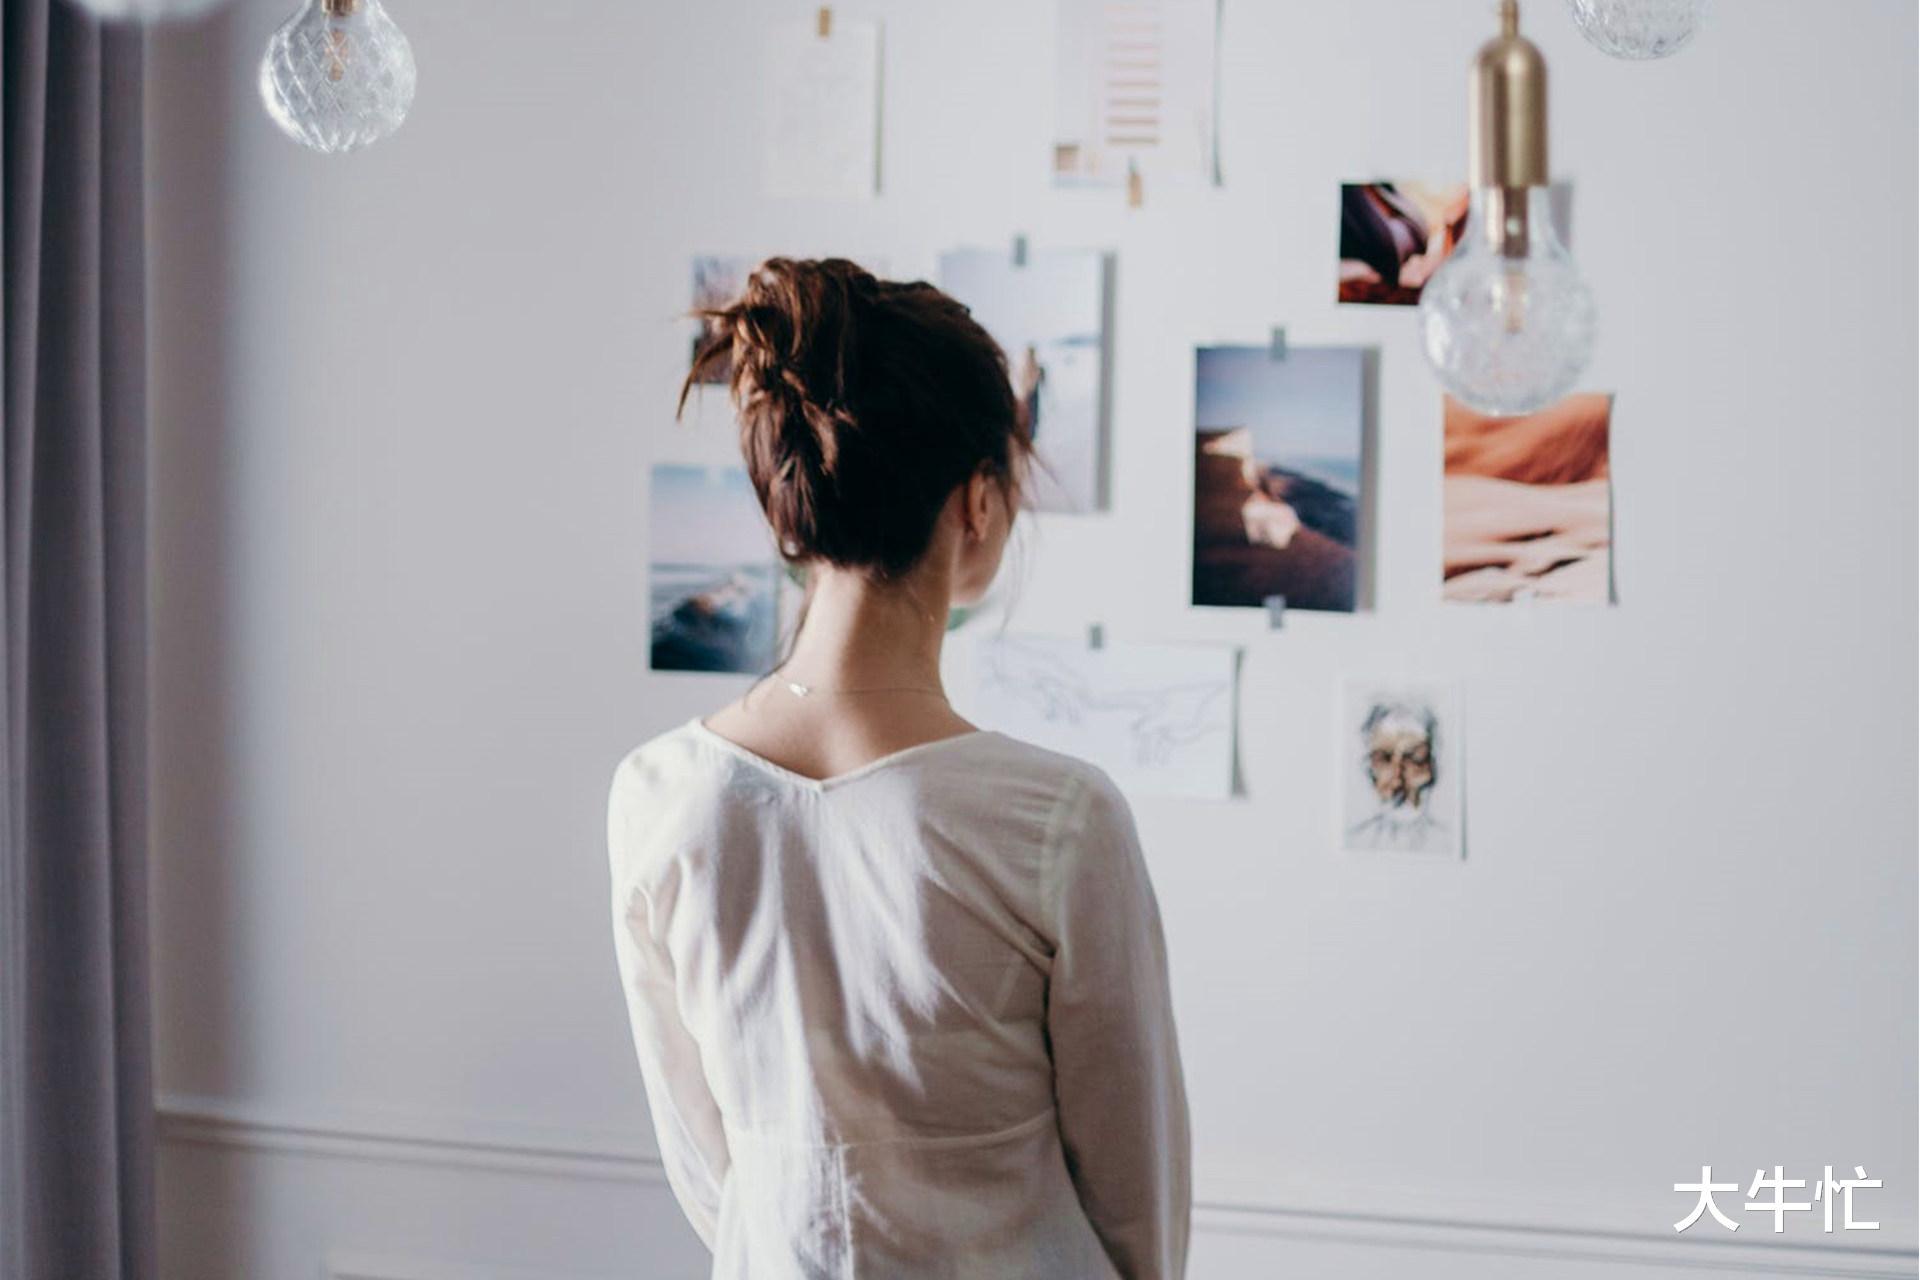 一個離婚女人的愛與恨:我還愛著前夫,隻是為瞭感情報復-圖5